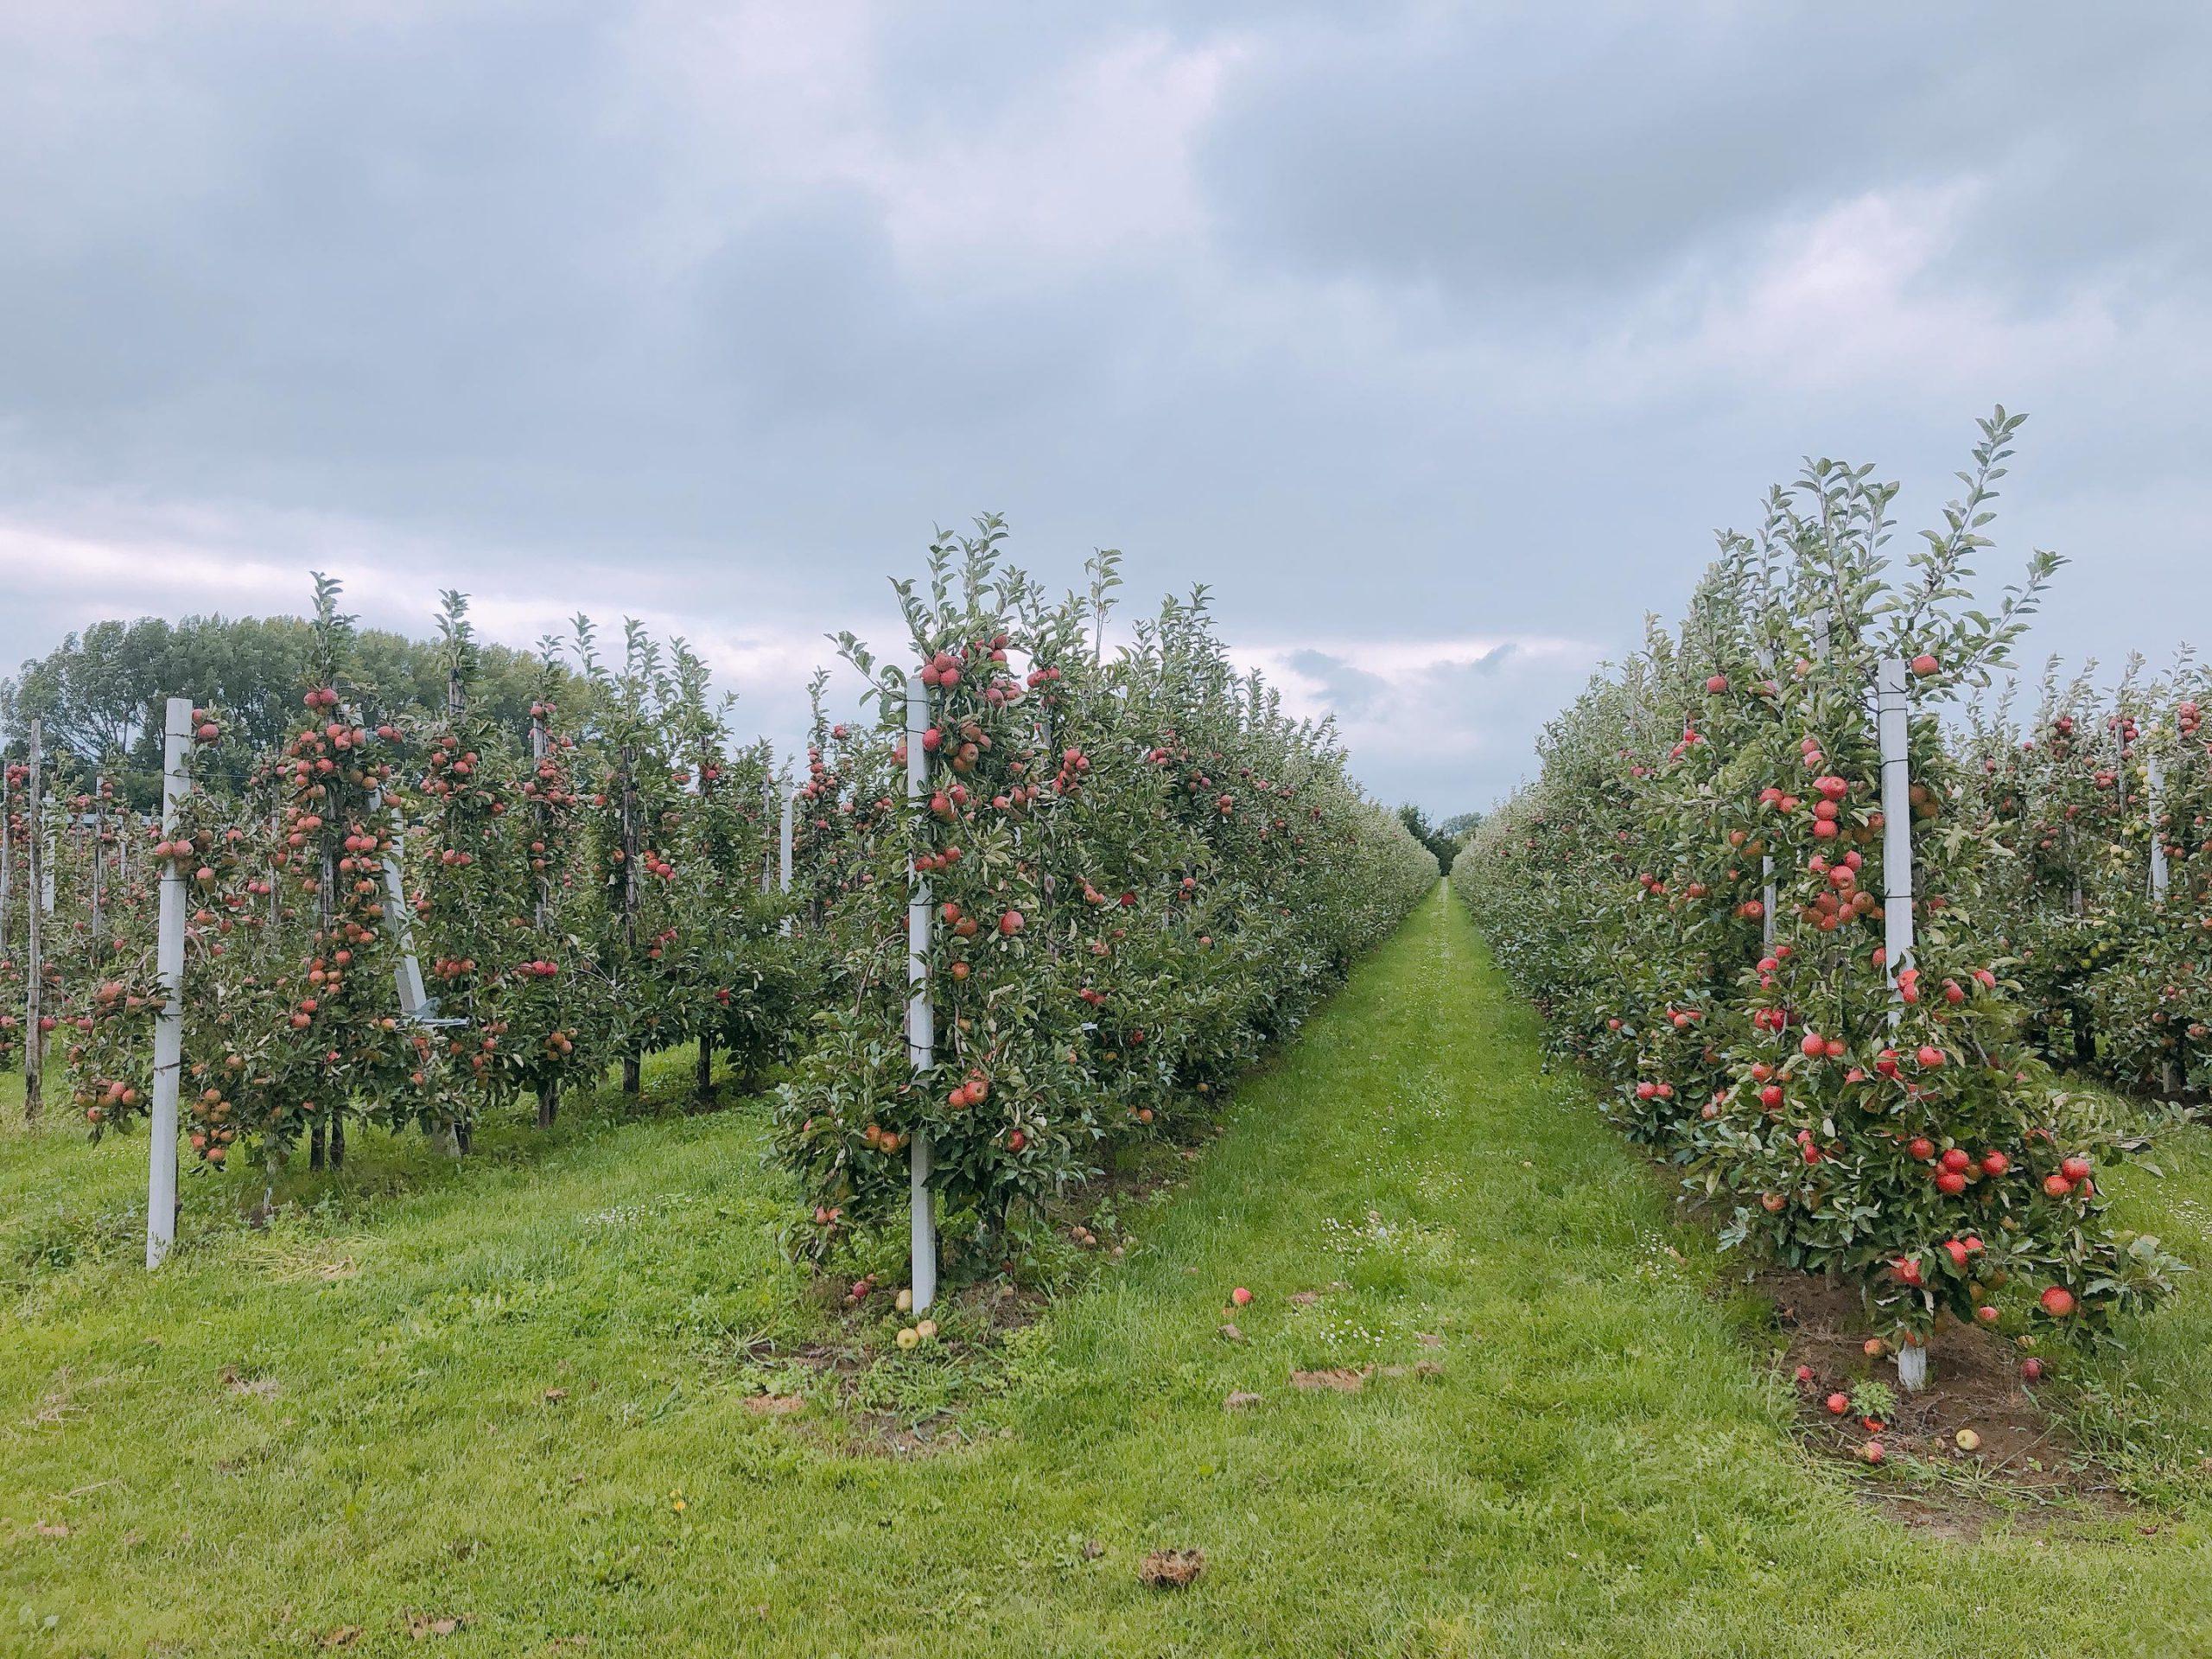 IMG 4001 2880x2160 1 scaled - PLOG - Met z'n viertjes naar de appelboomgaard en het Servero Food Lab!